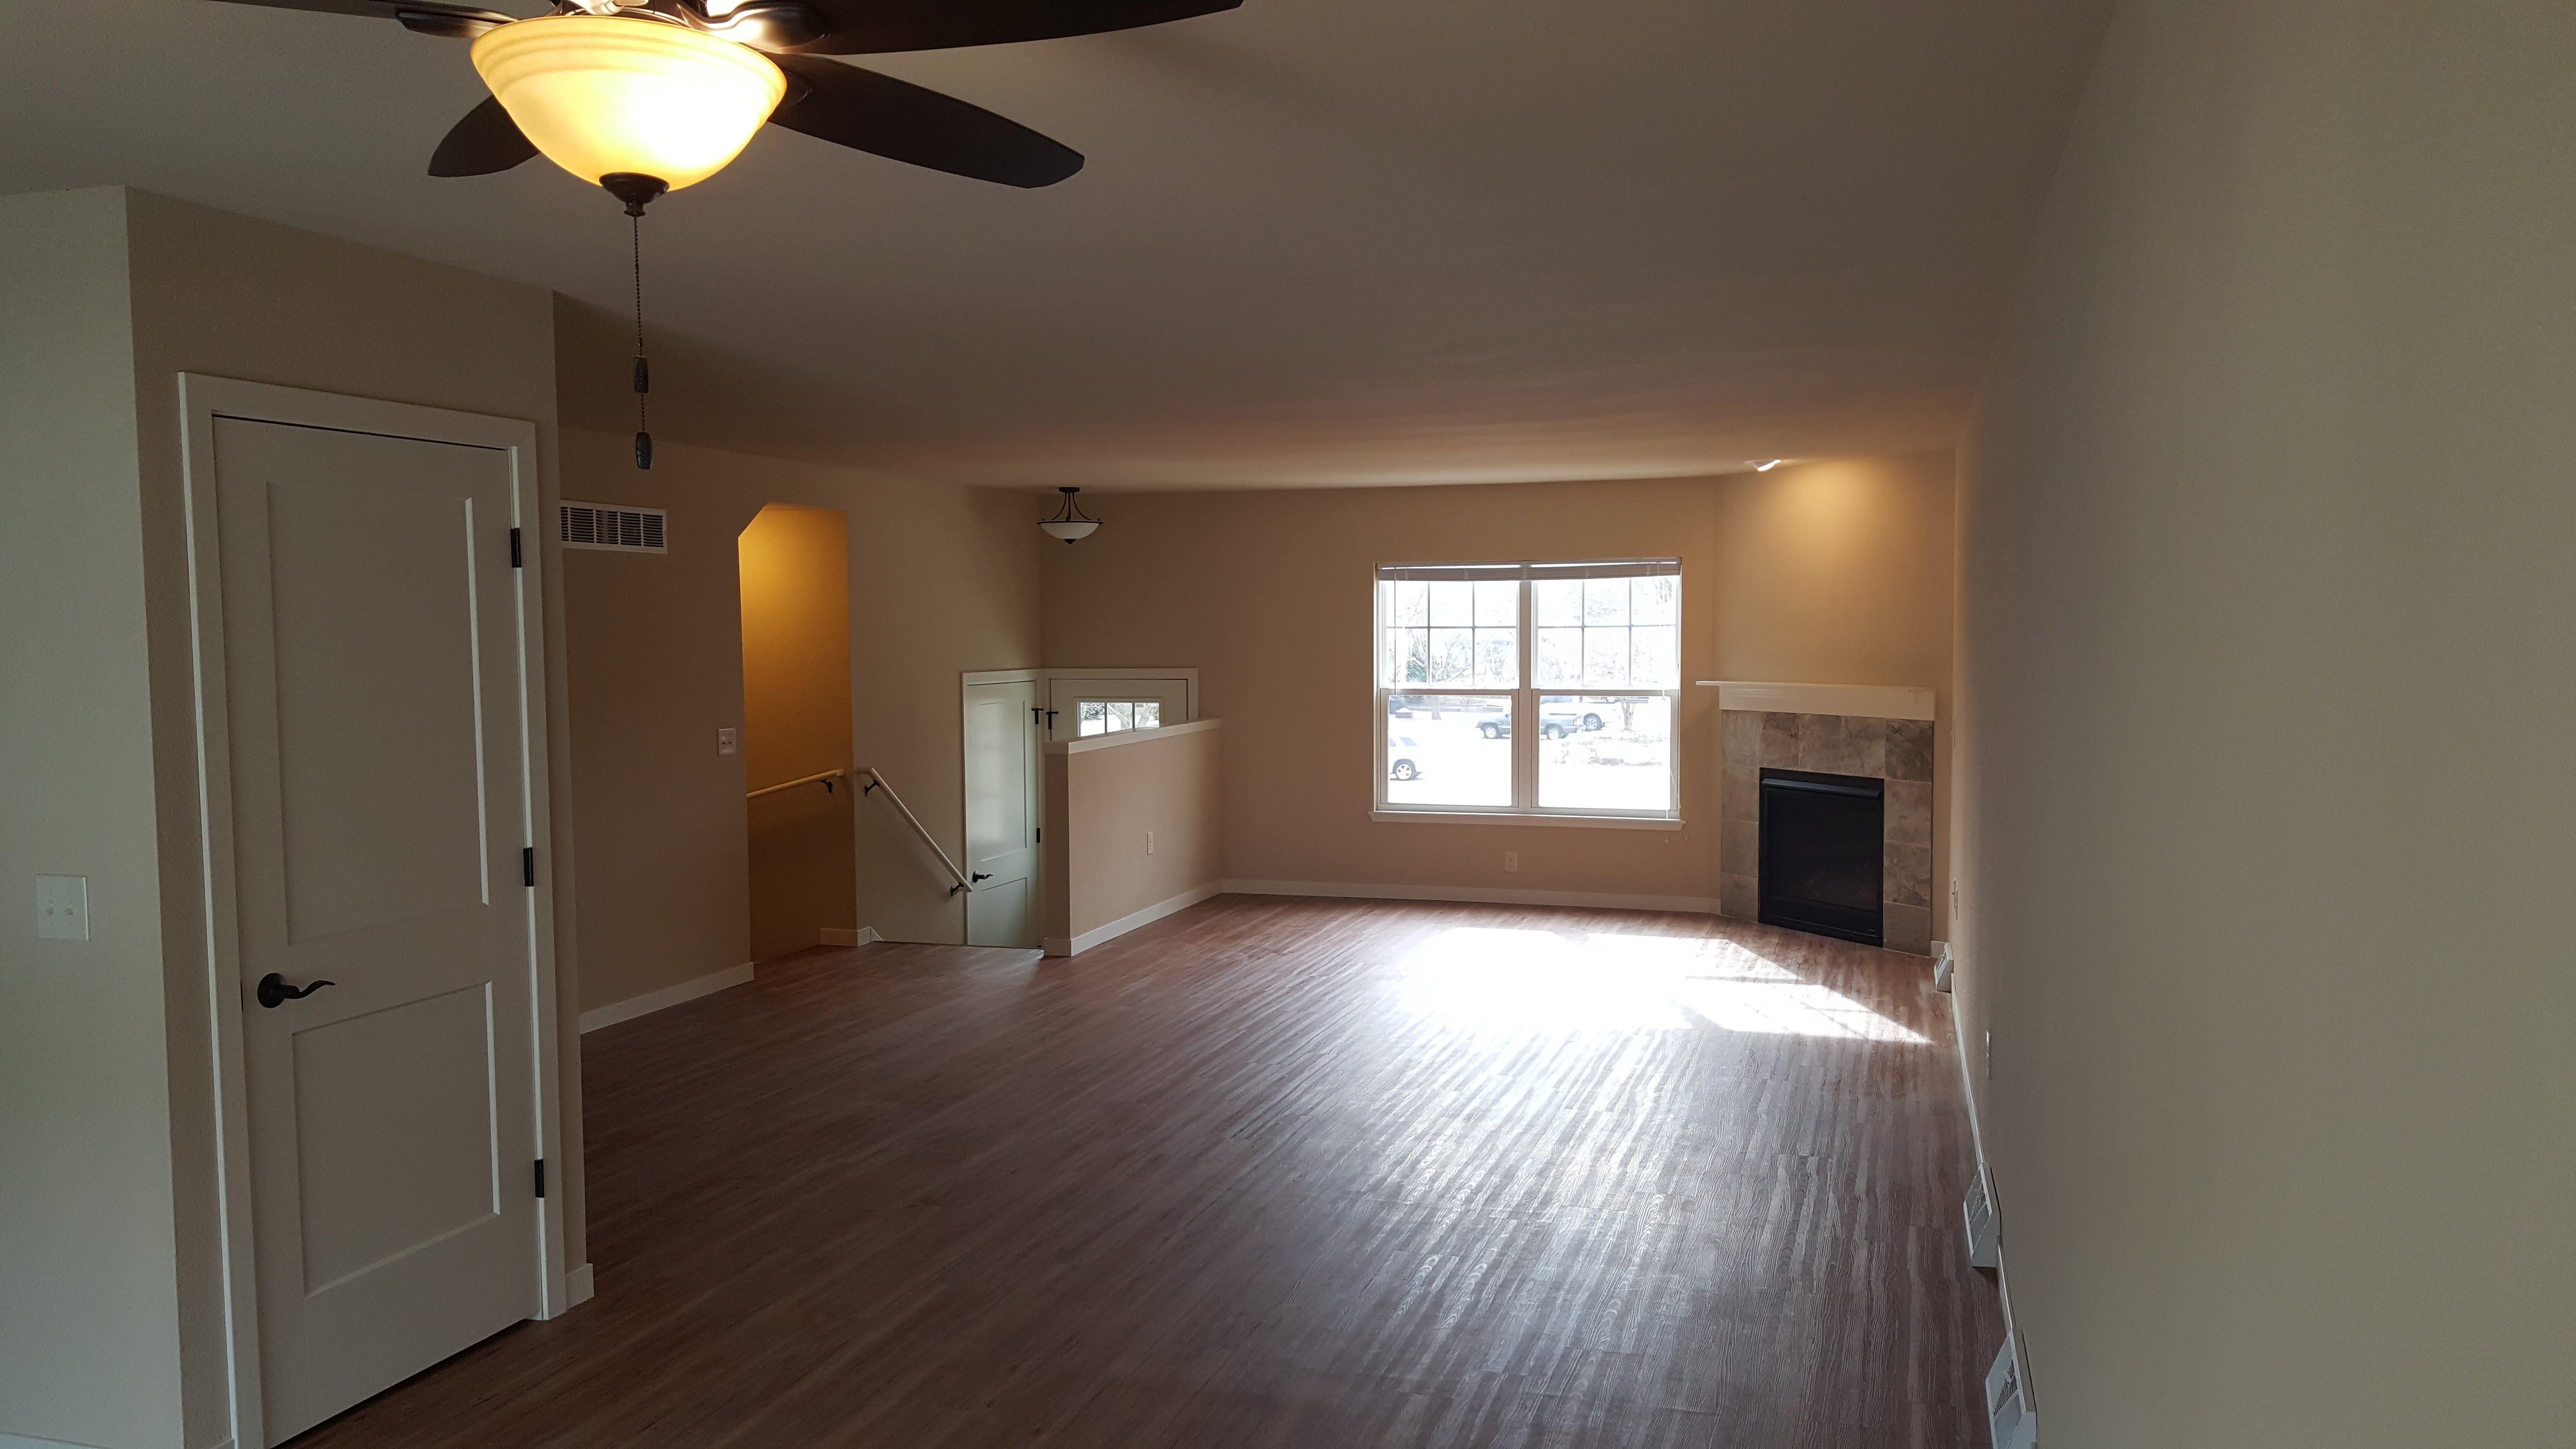 Lexington Point Apartments image 9